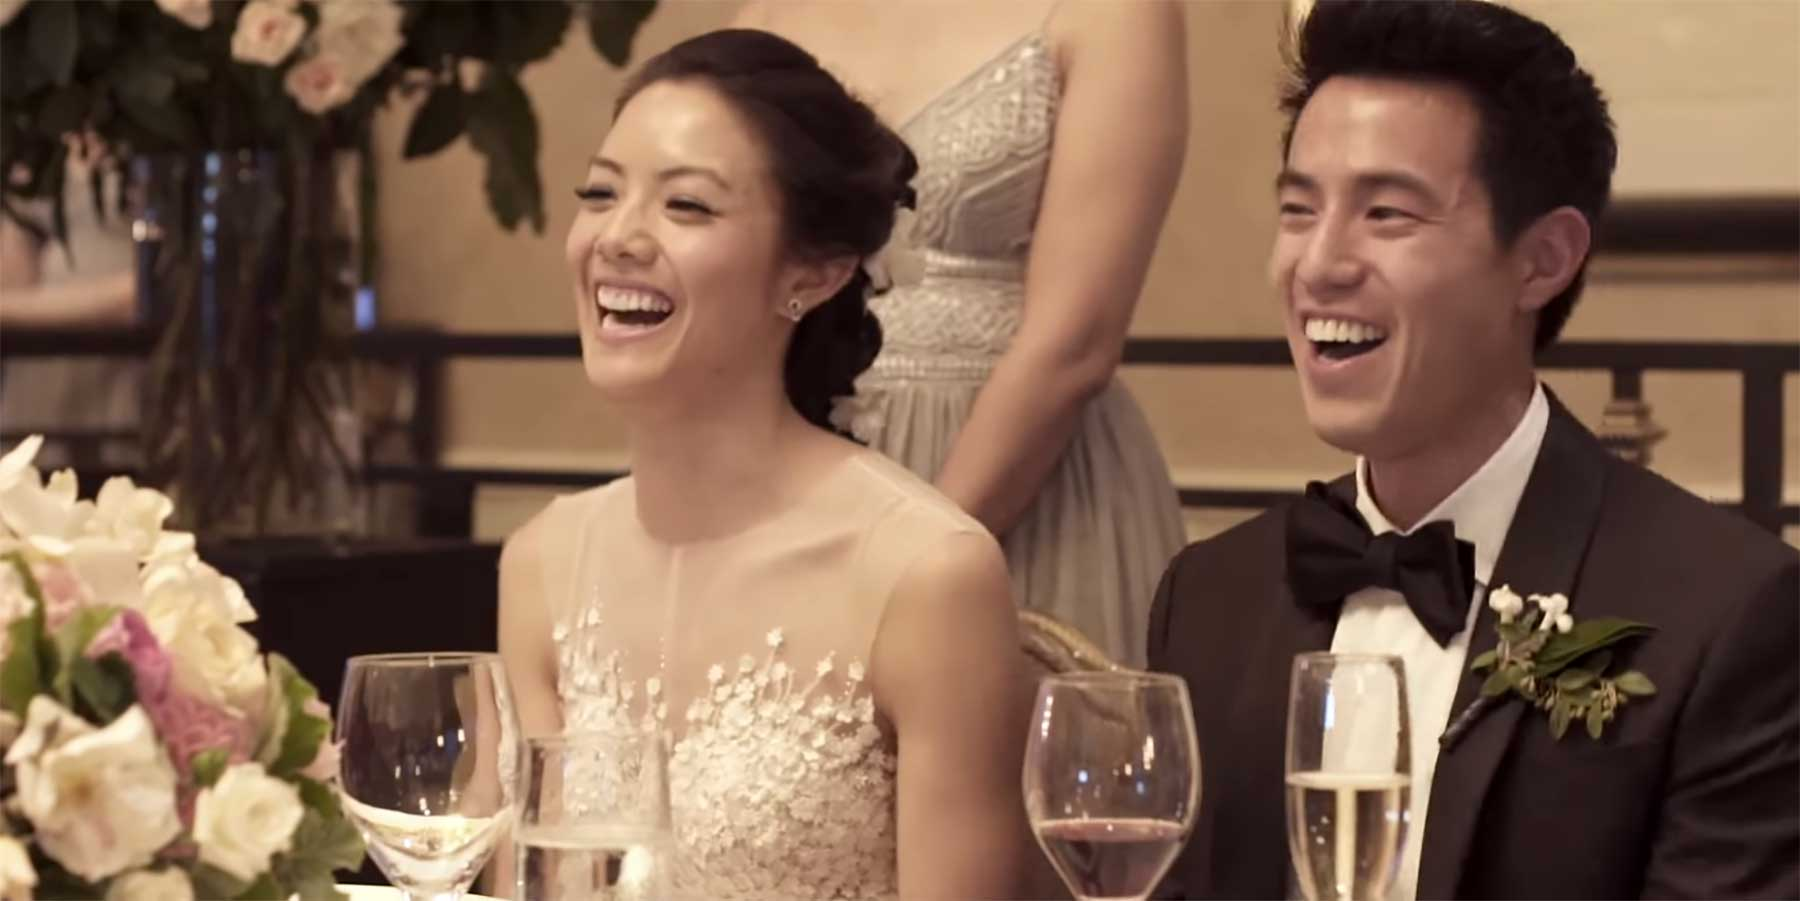 Experte für Firmenzusammenschlüsse zeigt auf Hochzeit eine Analyse zum Brautpaar hochzeit-zusammenschlussanalyse